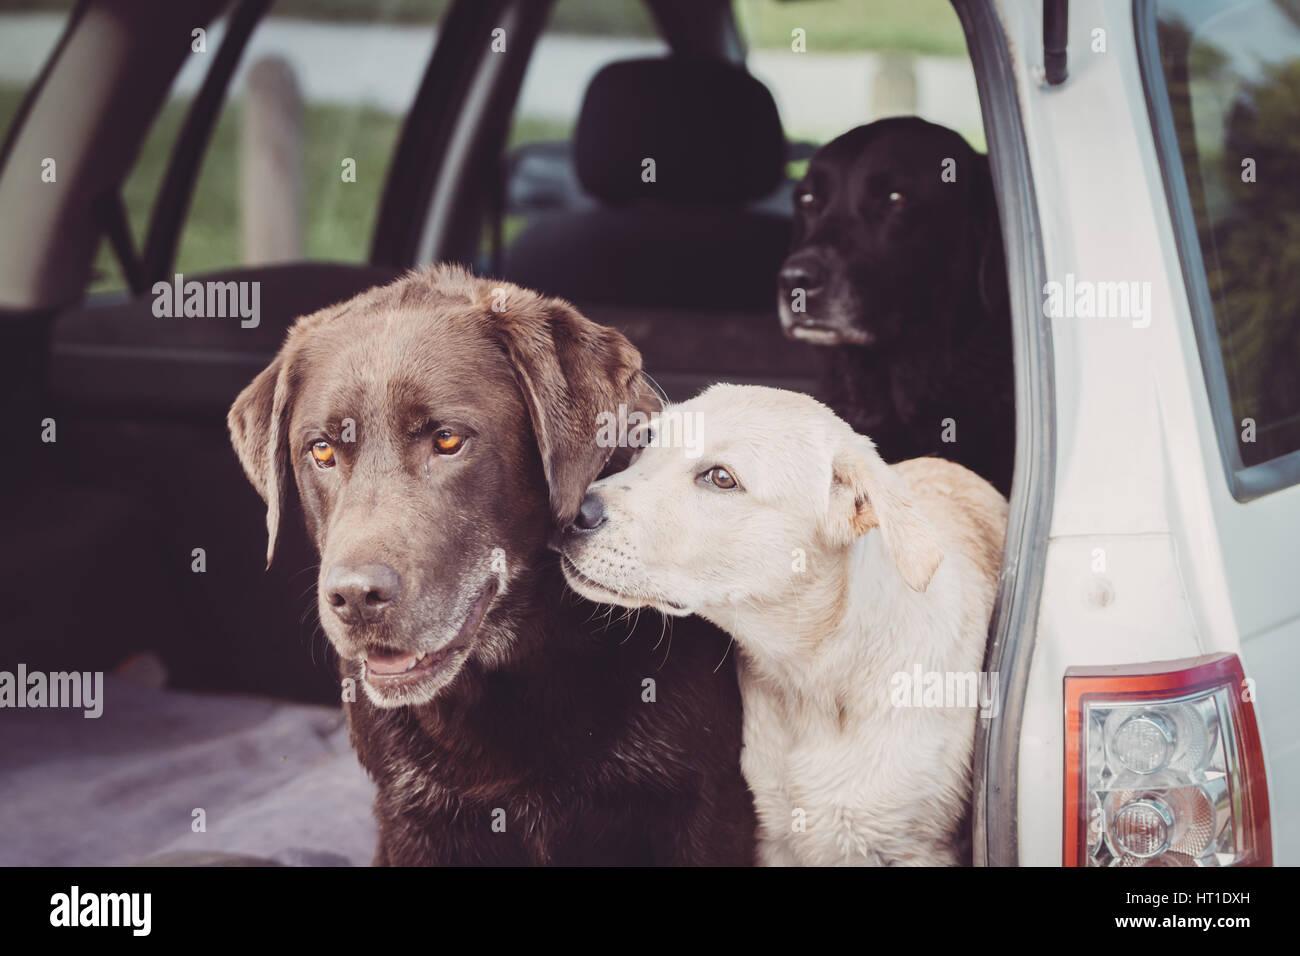 Trois retrievers du Labrador s'asseoir à l'arrière d'une voiture pendant que le chiot blanc Photo Stock